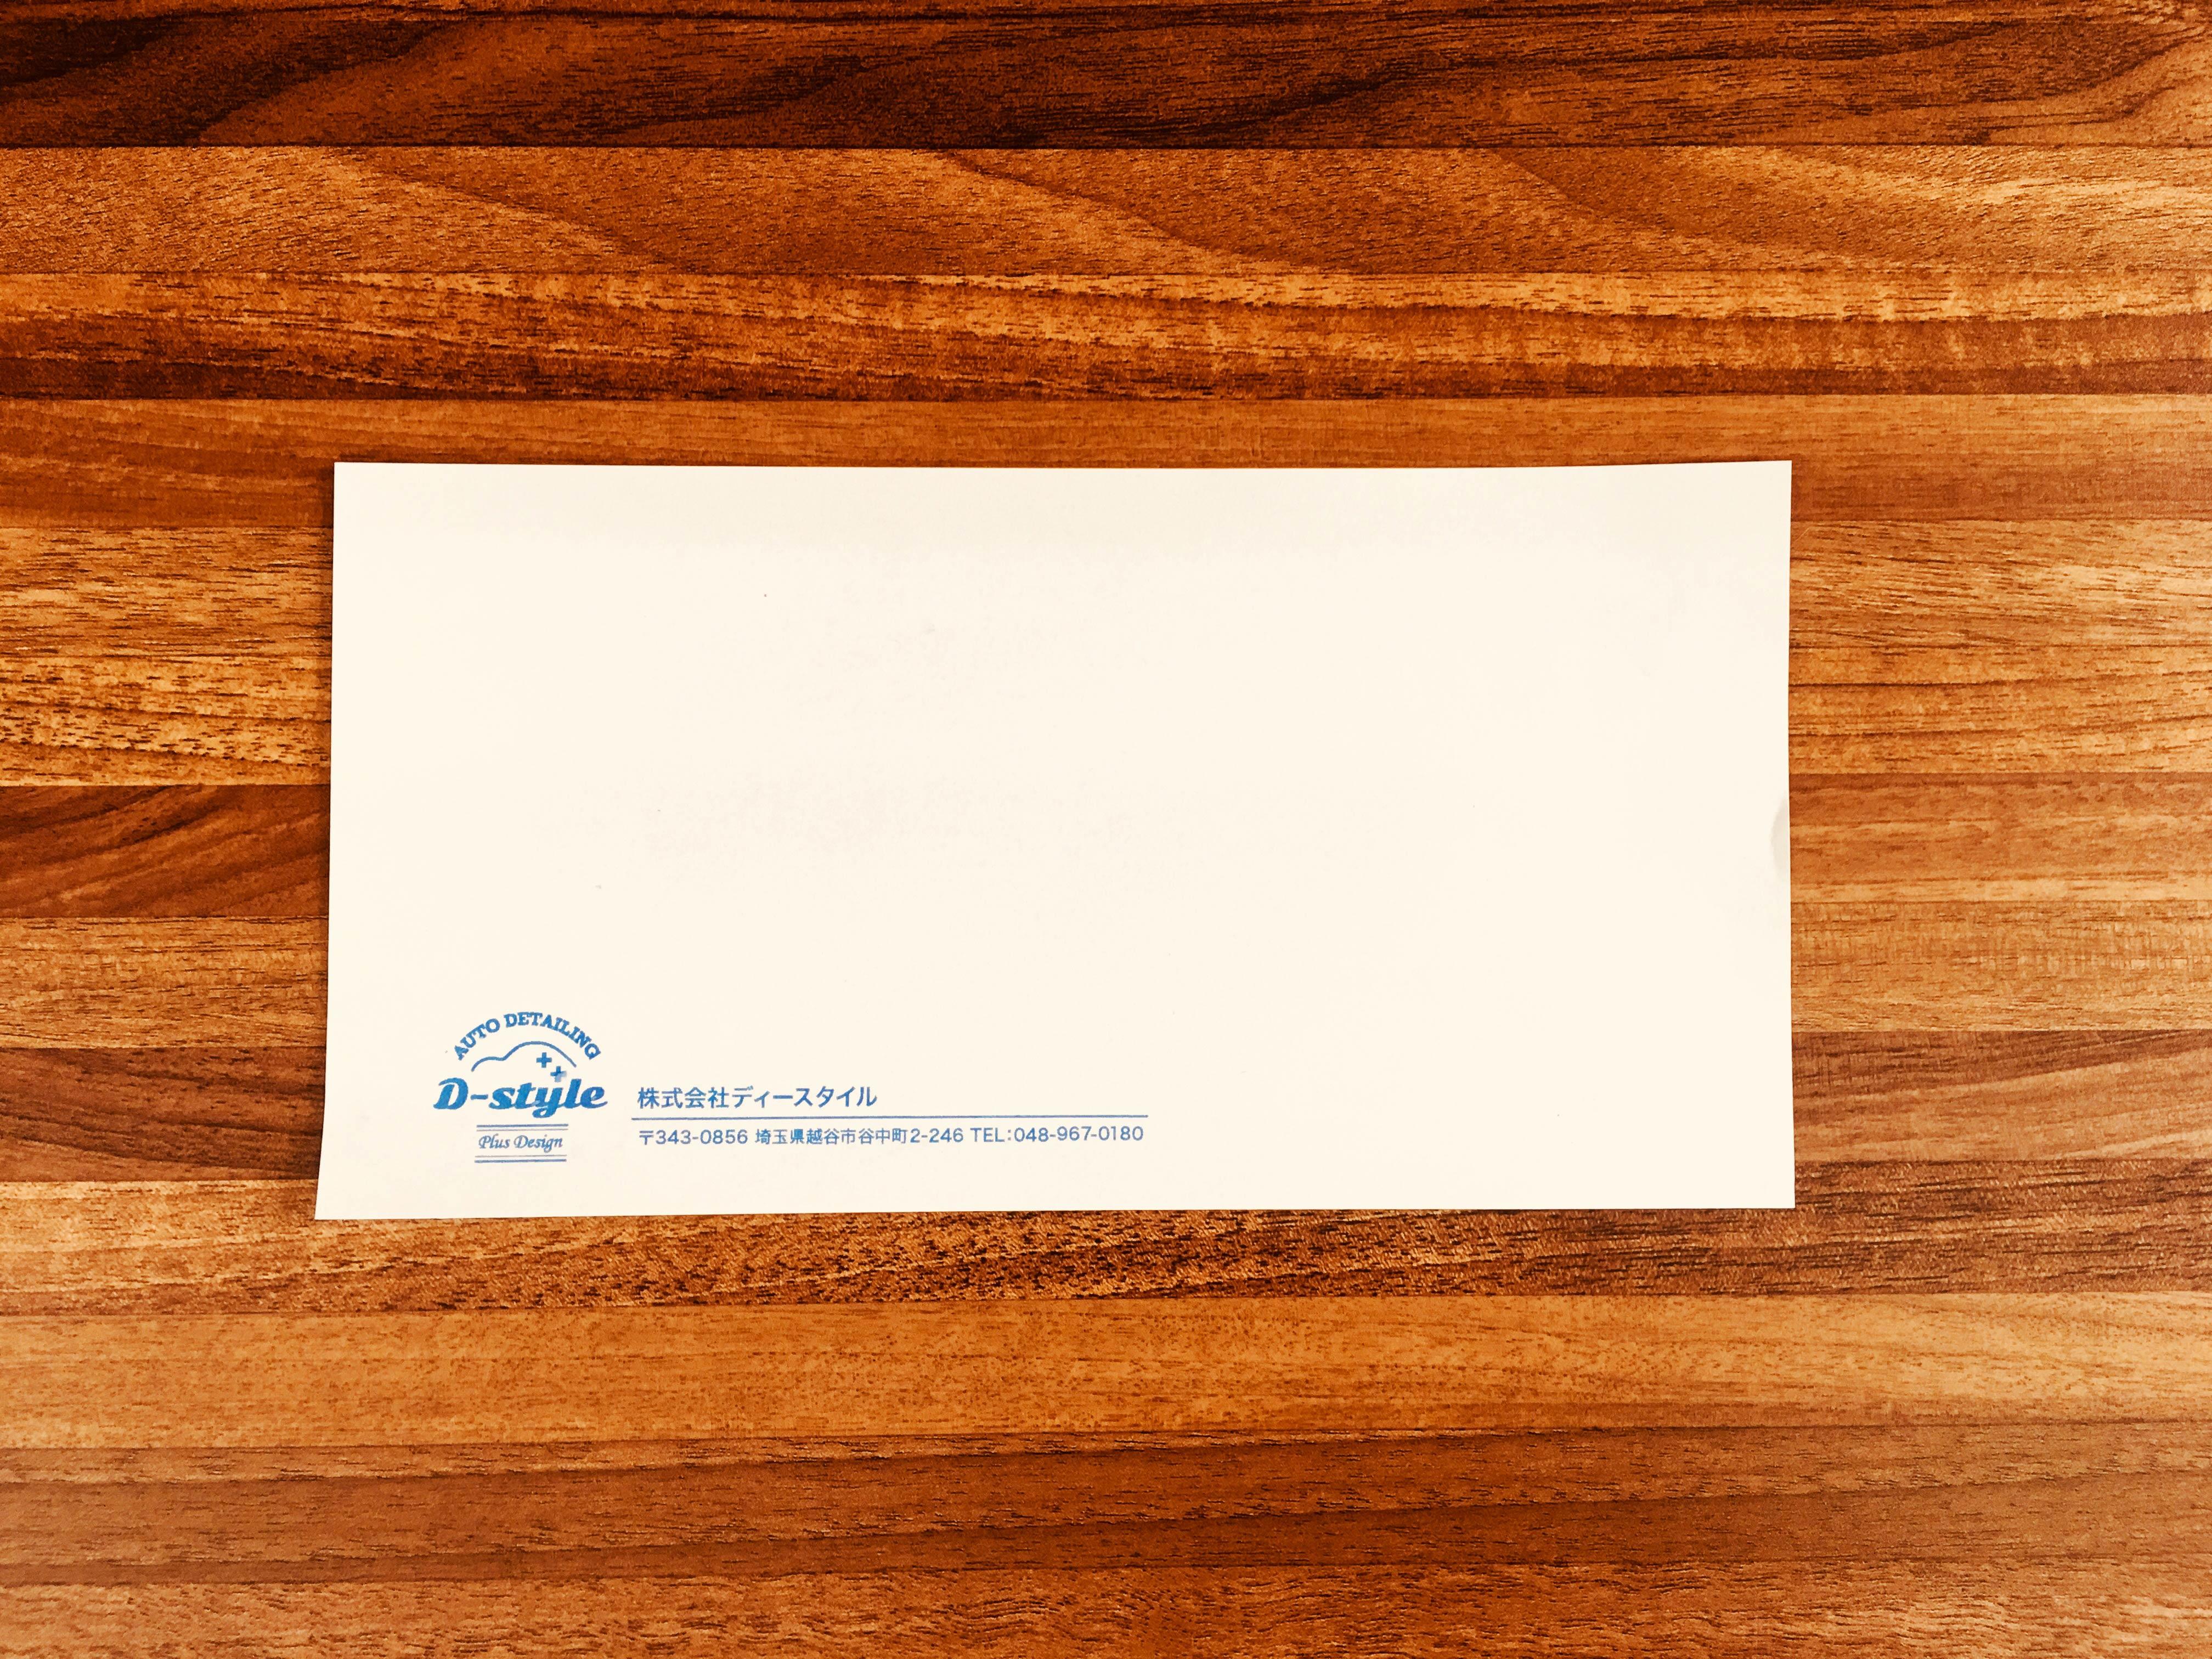 ディースタイル封筒